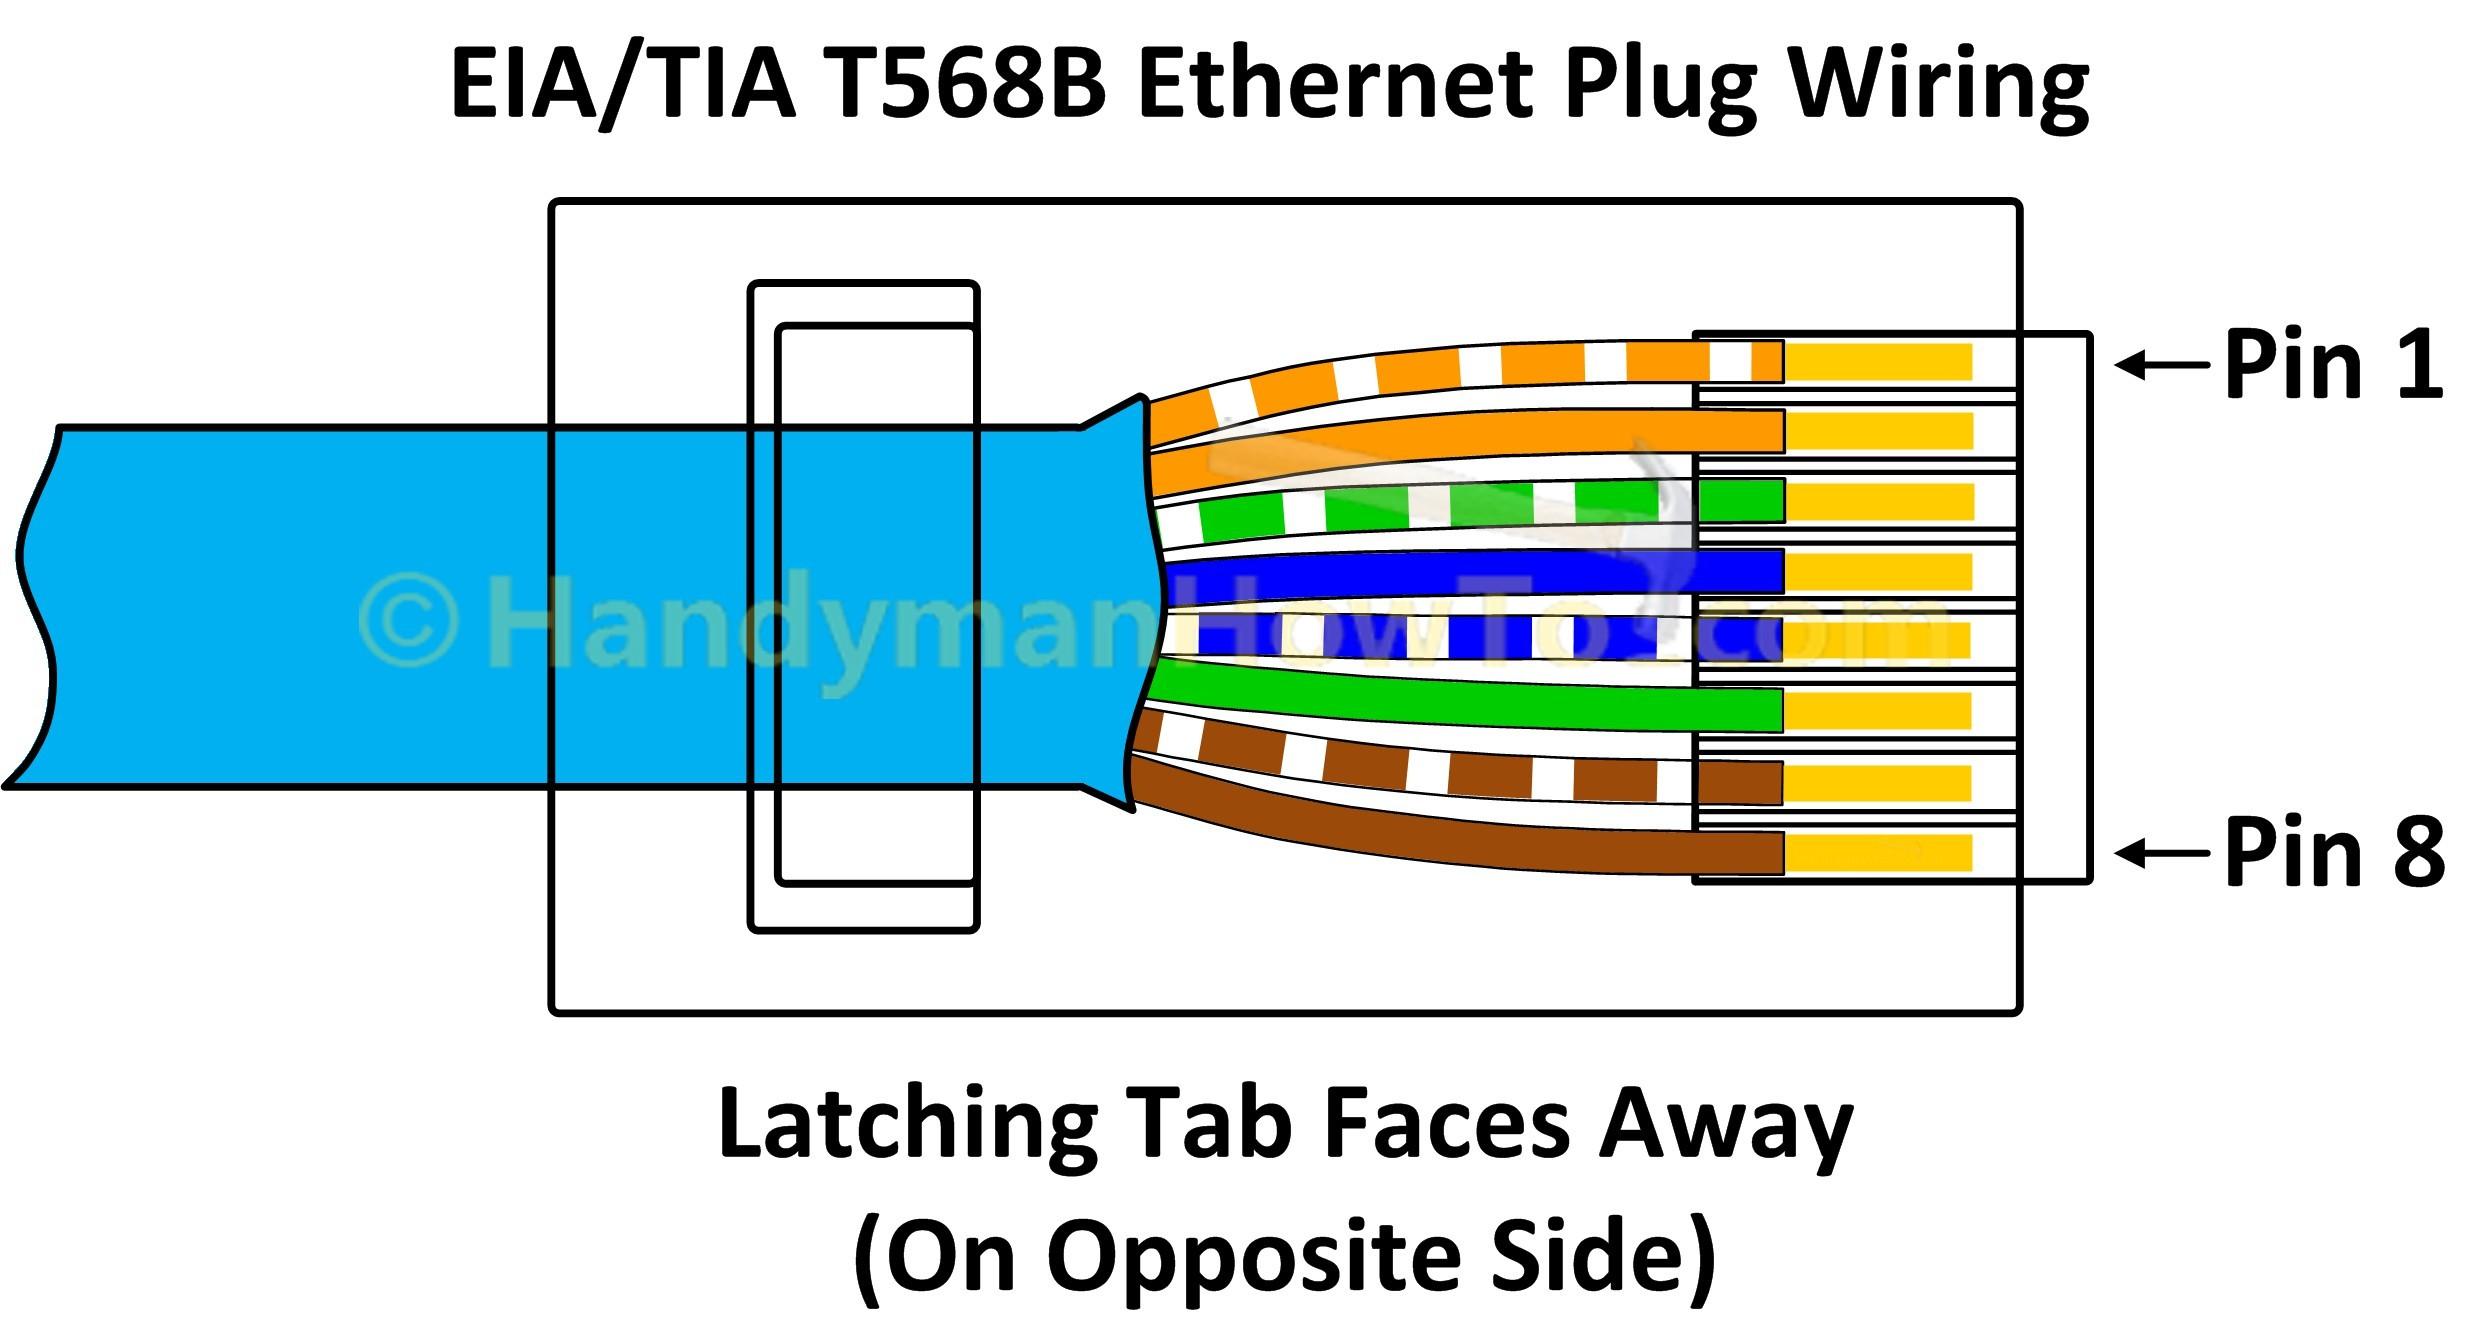 Cat5 Connector Wiring Diagram Unique Wiring Diagram for Cat5 Cable Diagram Of Cat5 Connector Wiring Diagram